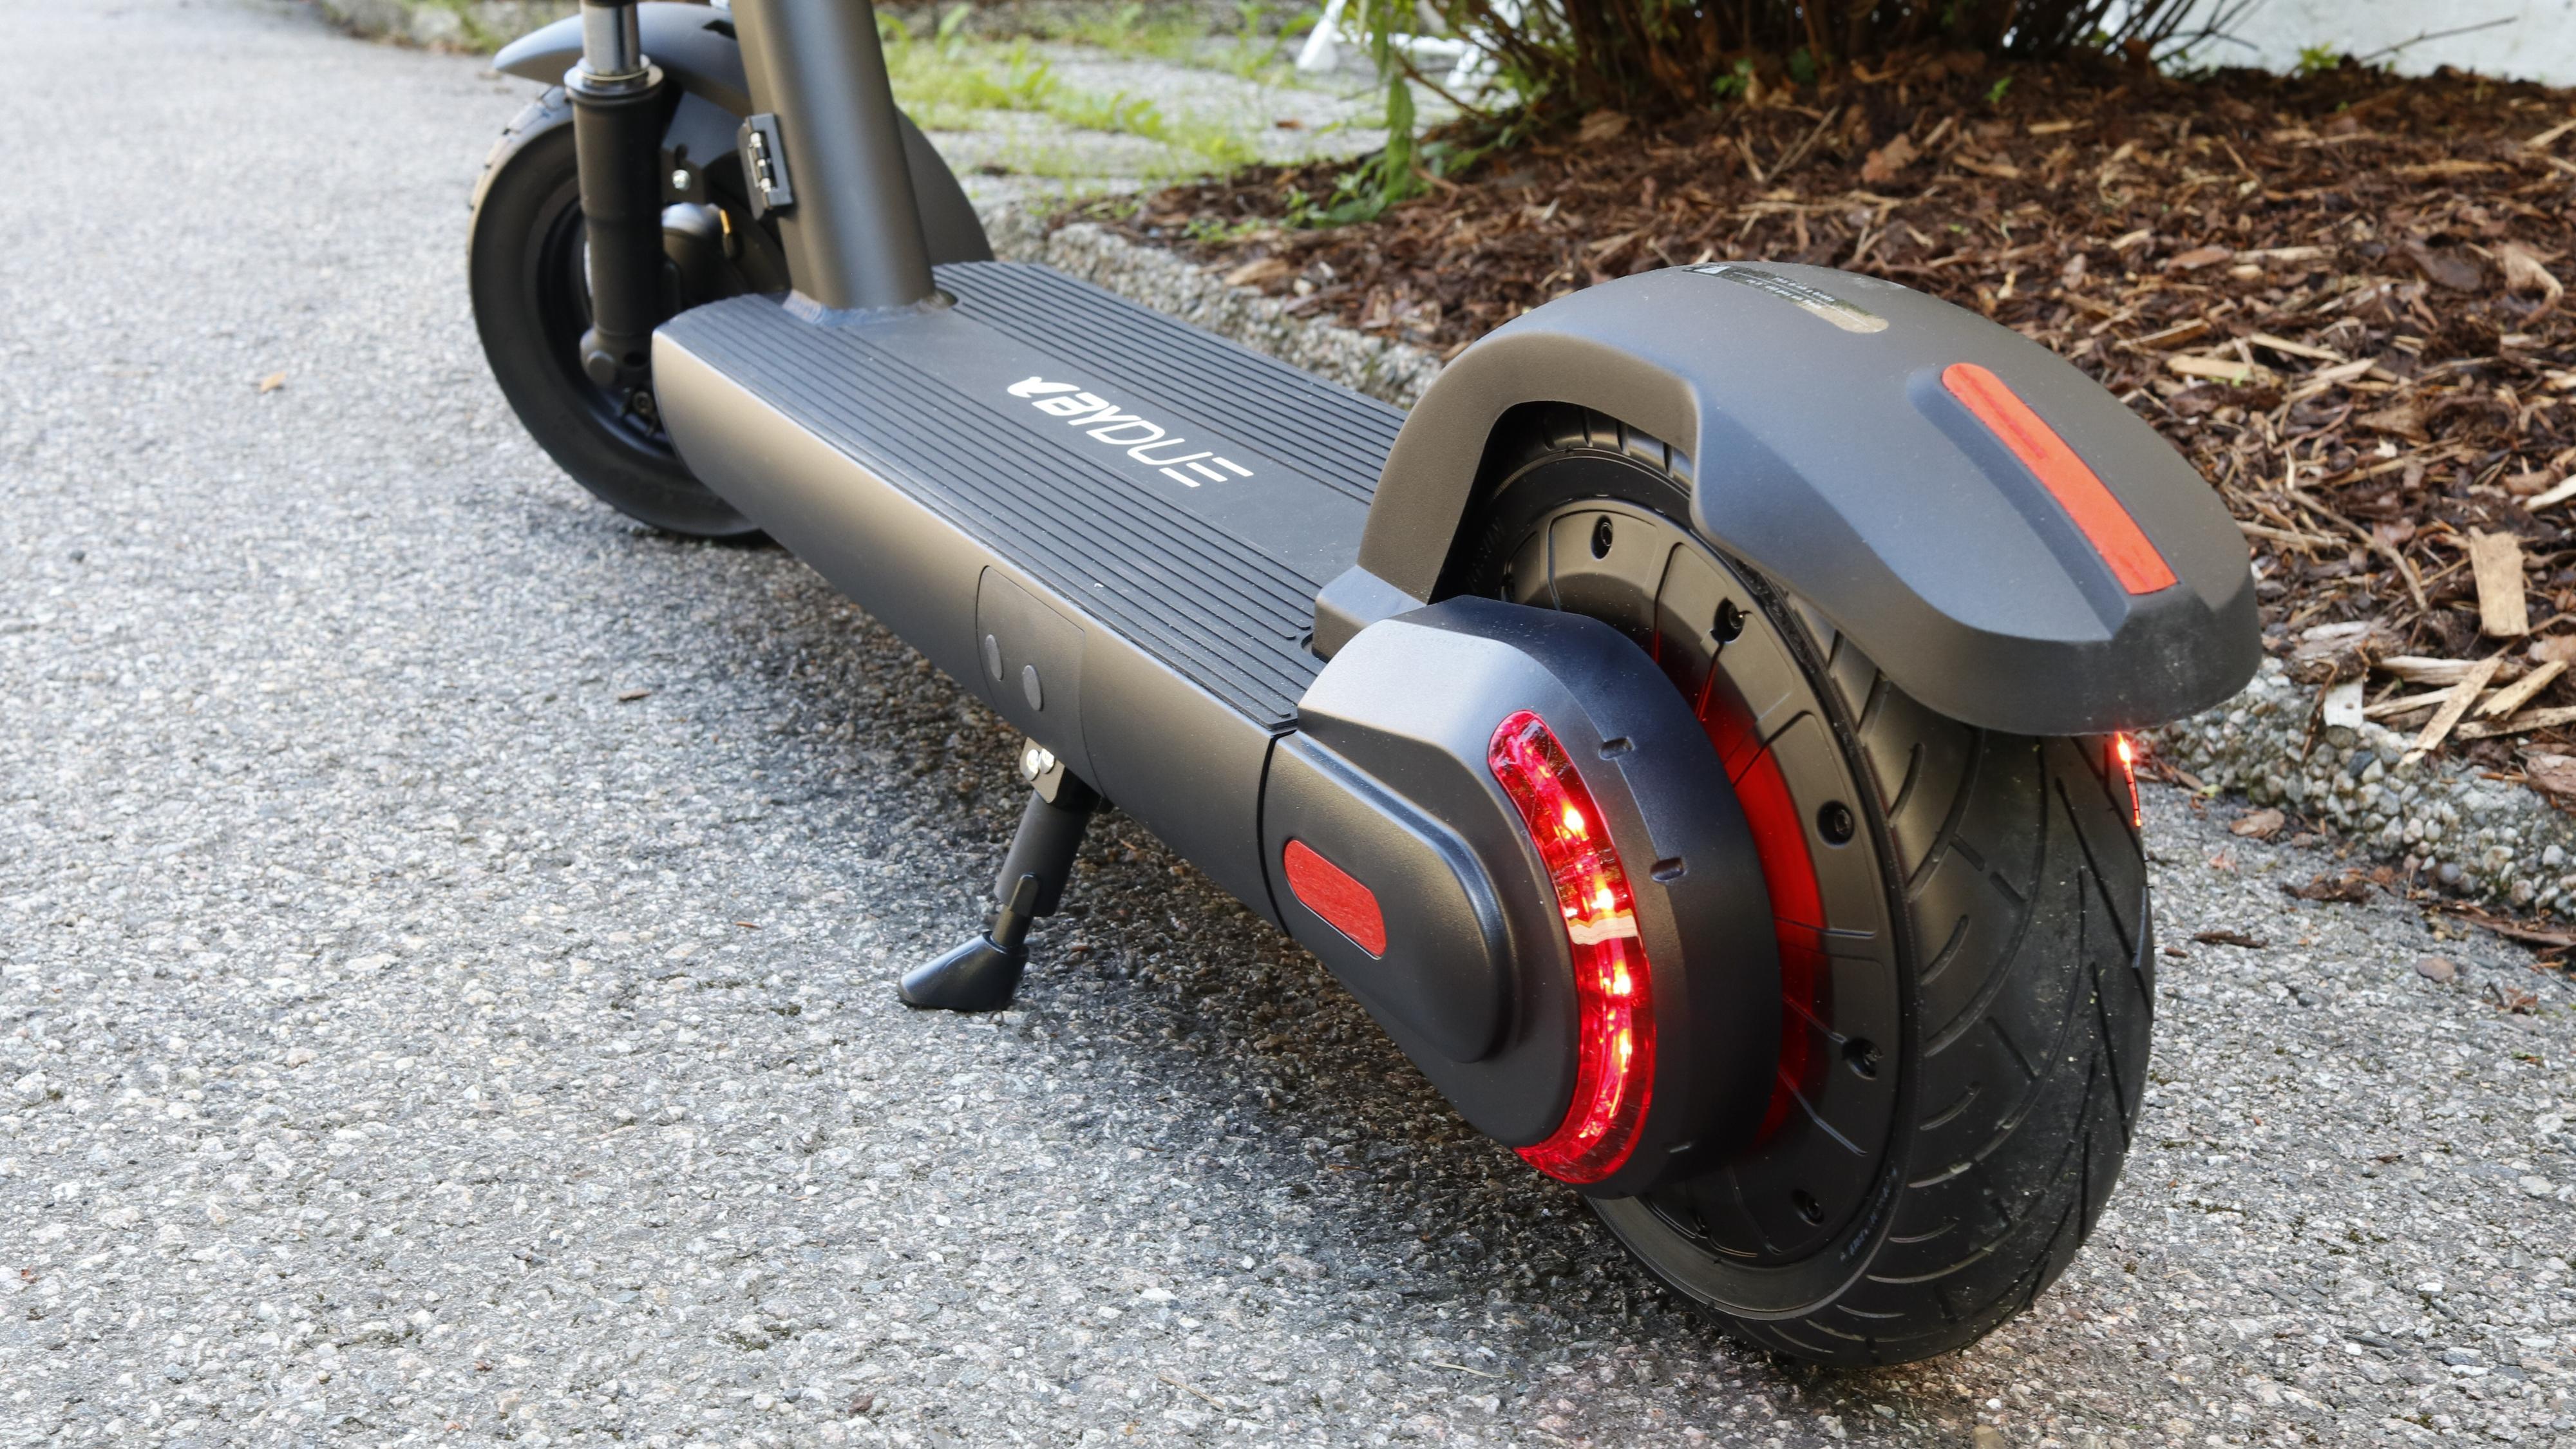 Med lys på hver side av bakhjulet, kan de også brukes som retningsanvisere. Men vil noen legge merke til det?